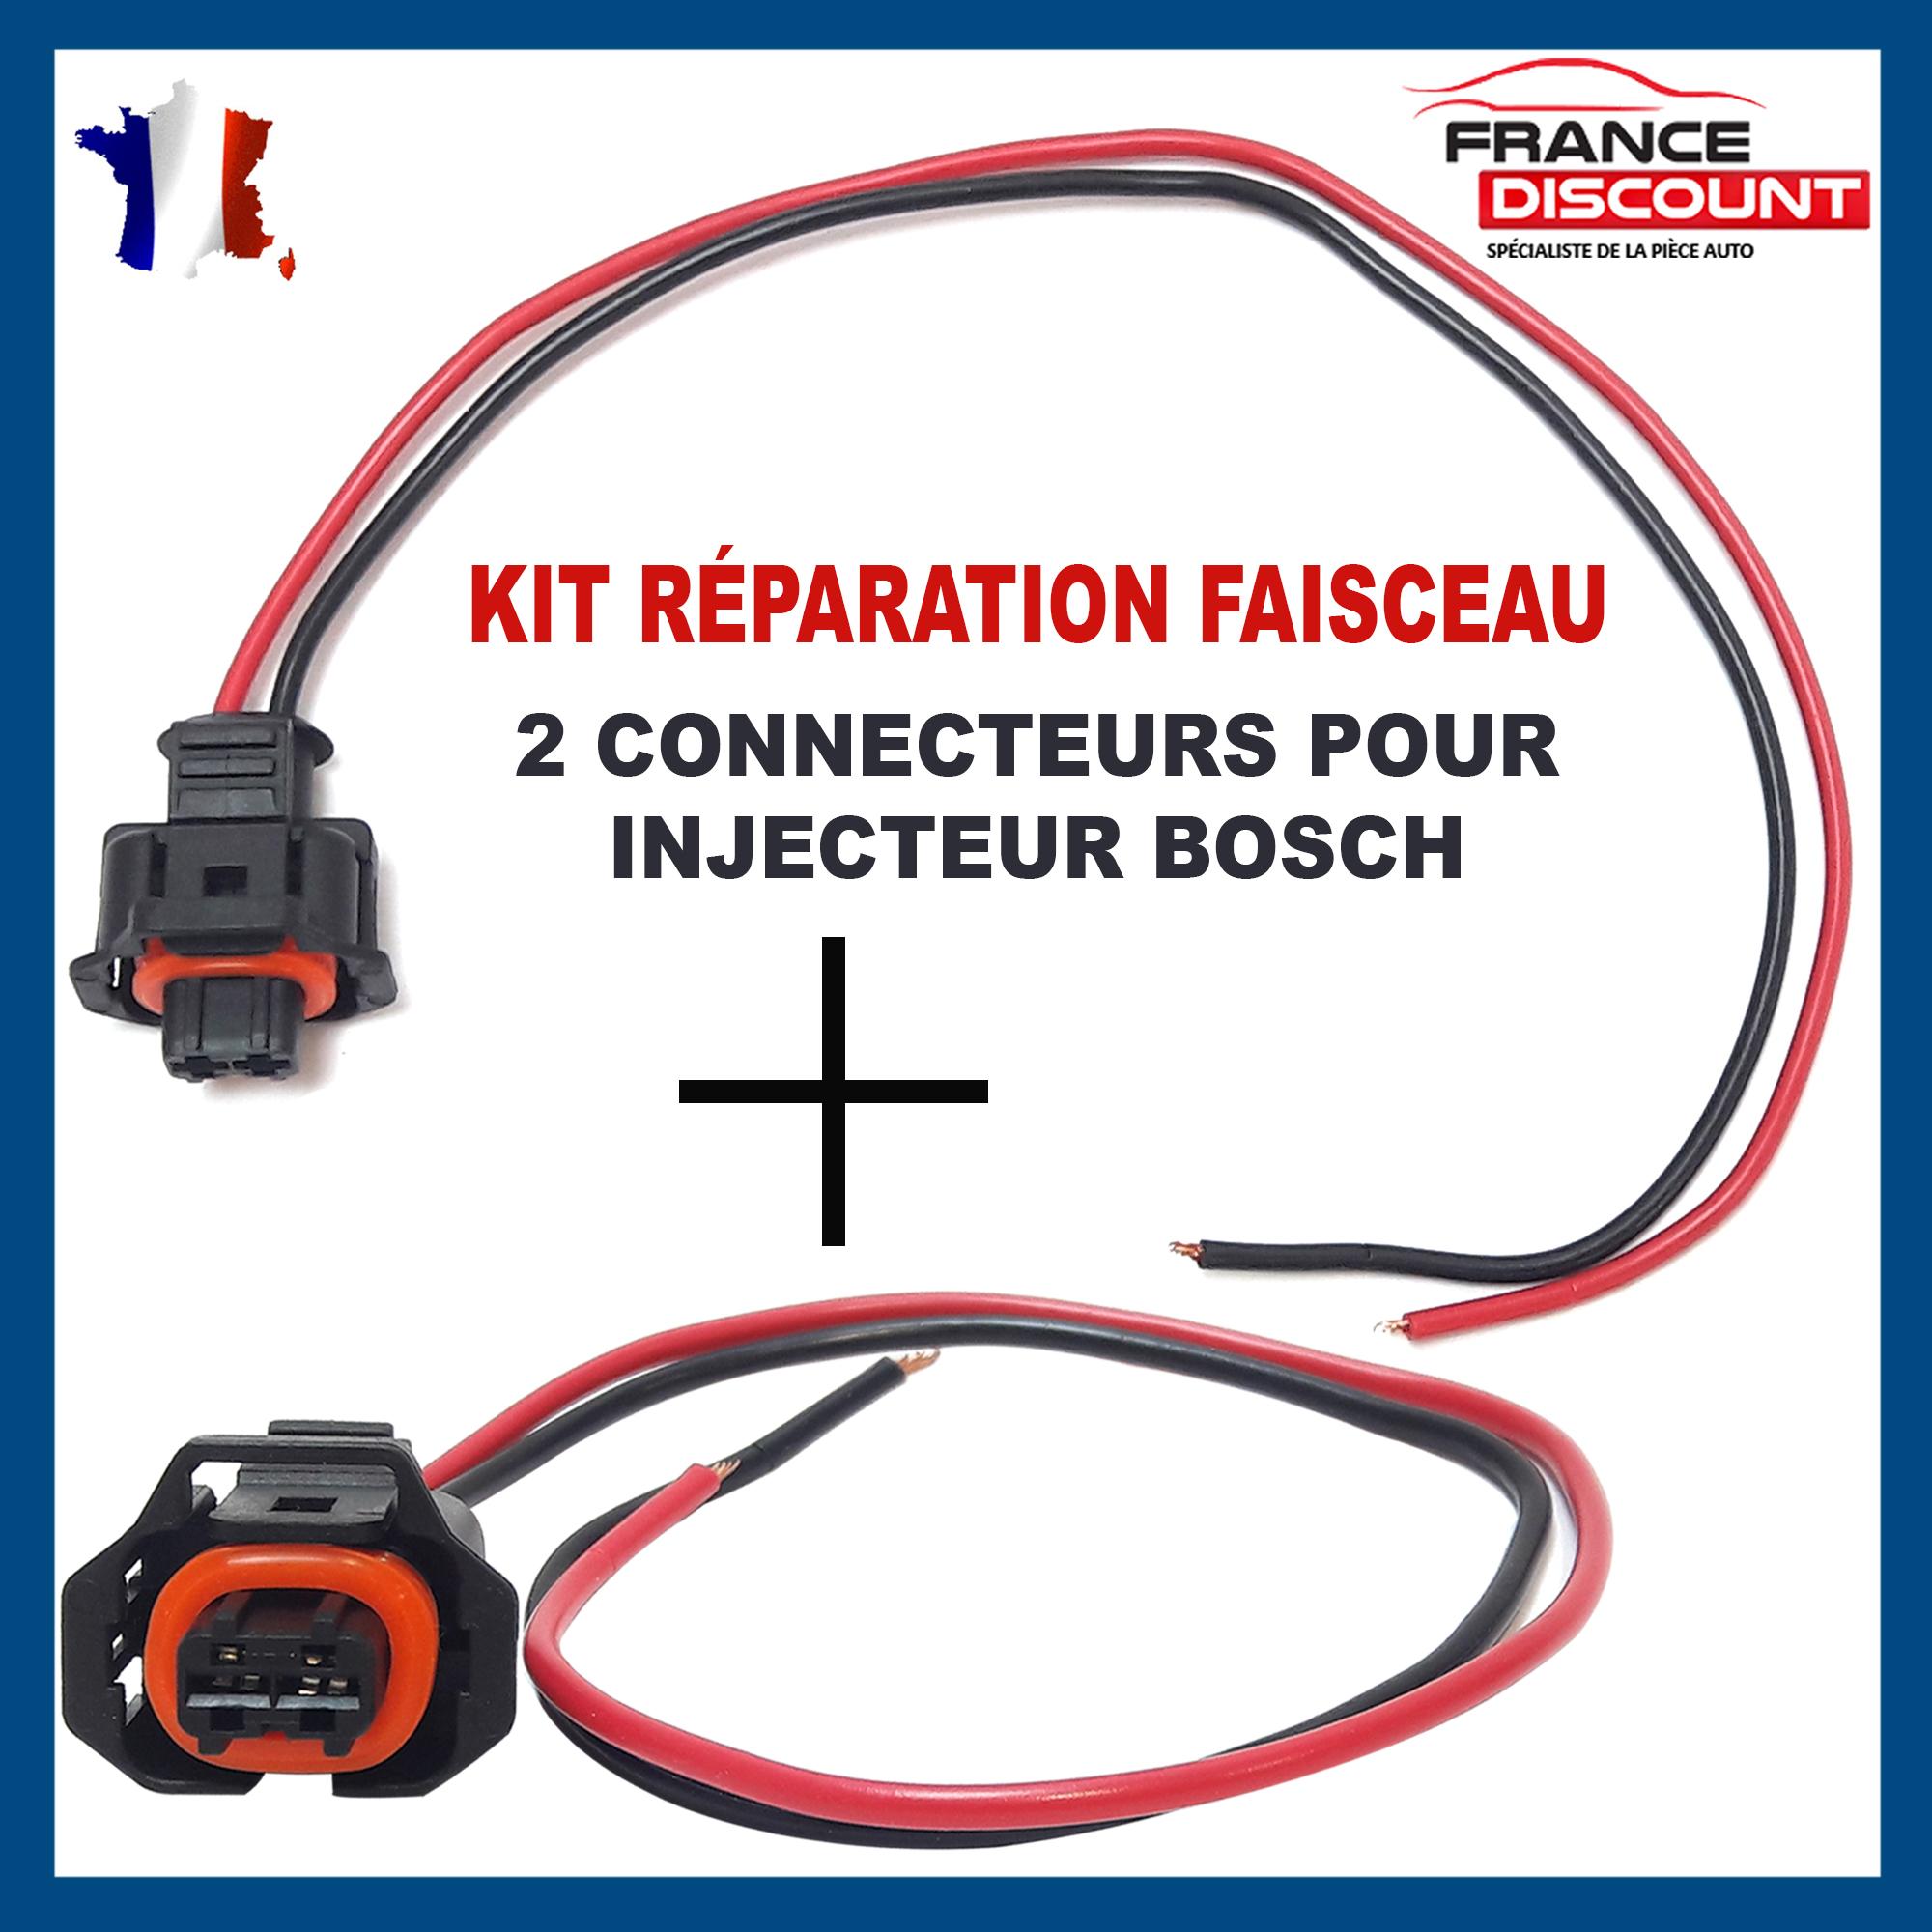 Kit de Réparation Faisceau Câbles Fiche Rail Capteur Pression Fiat Alfa Romero